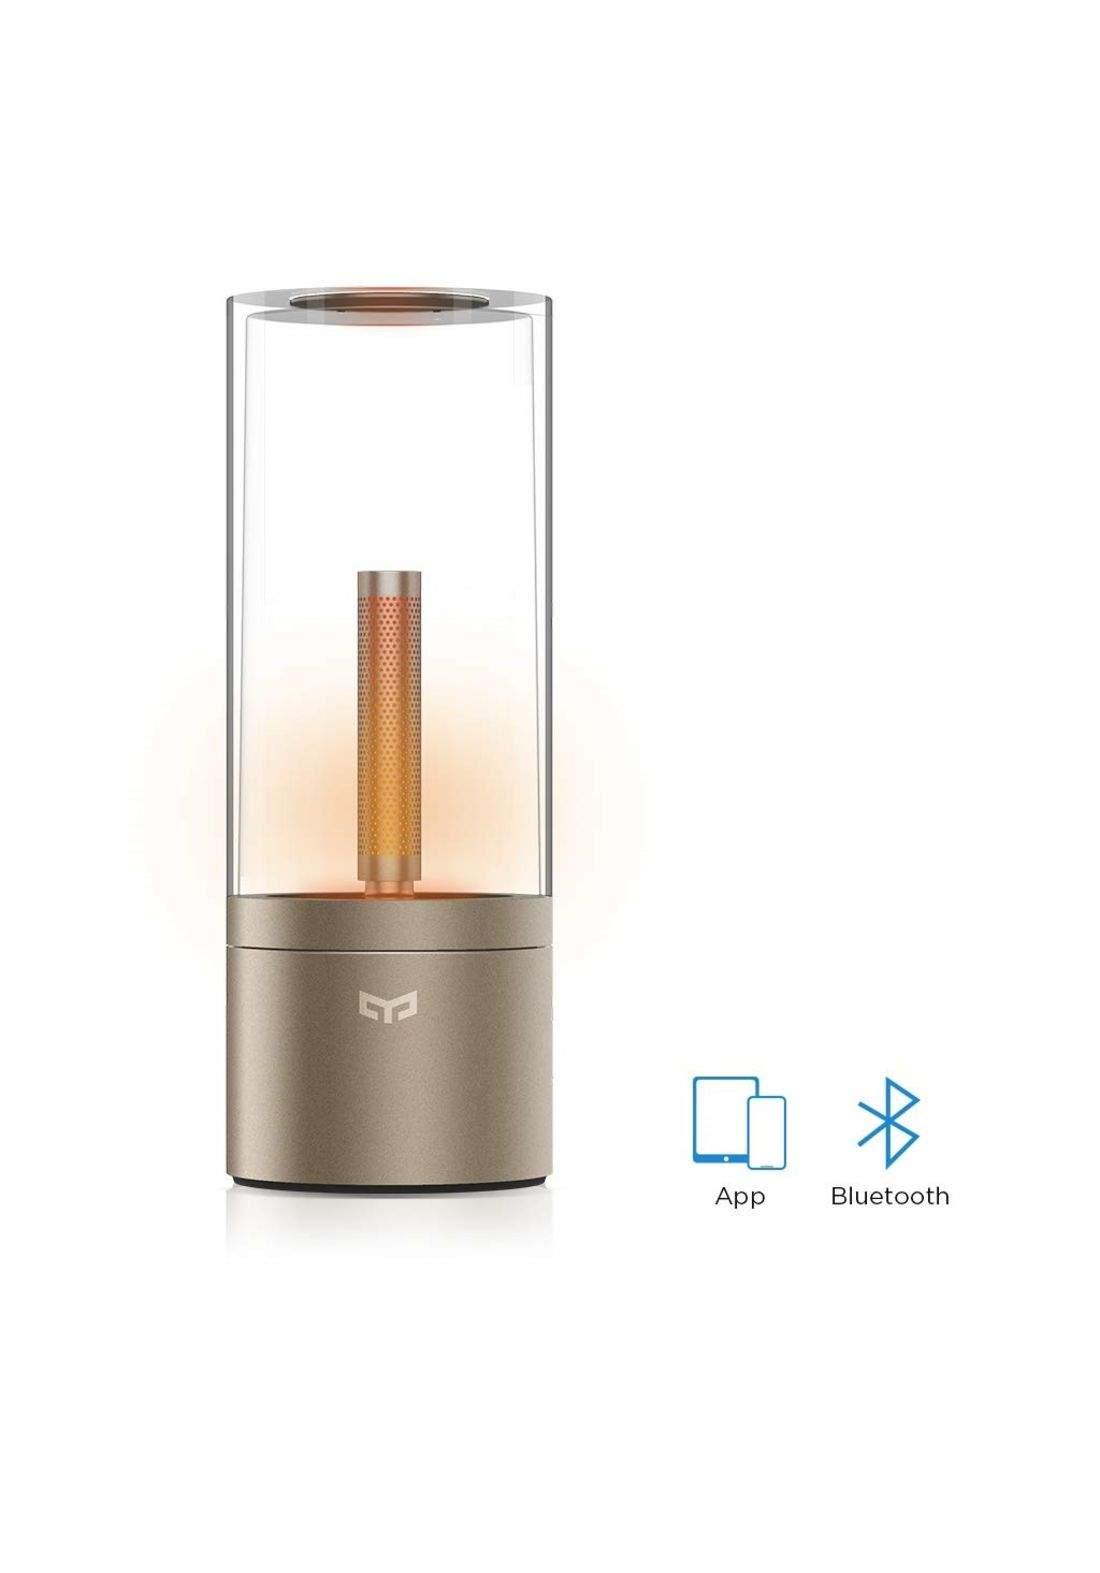 ضوء شمعة التحكم الذكي Yeelight Atmosphere Lamp